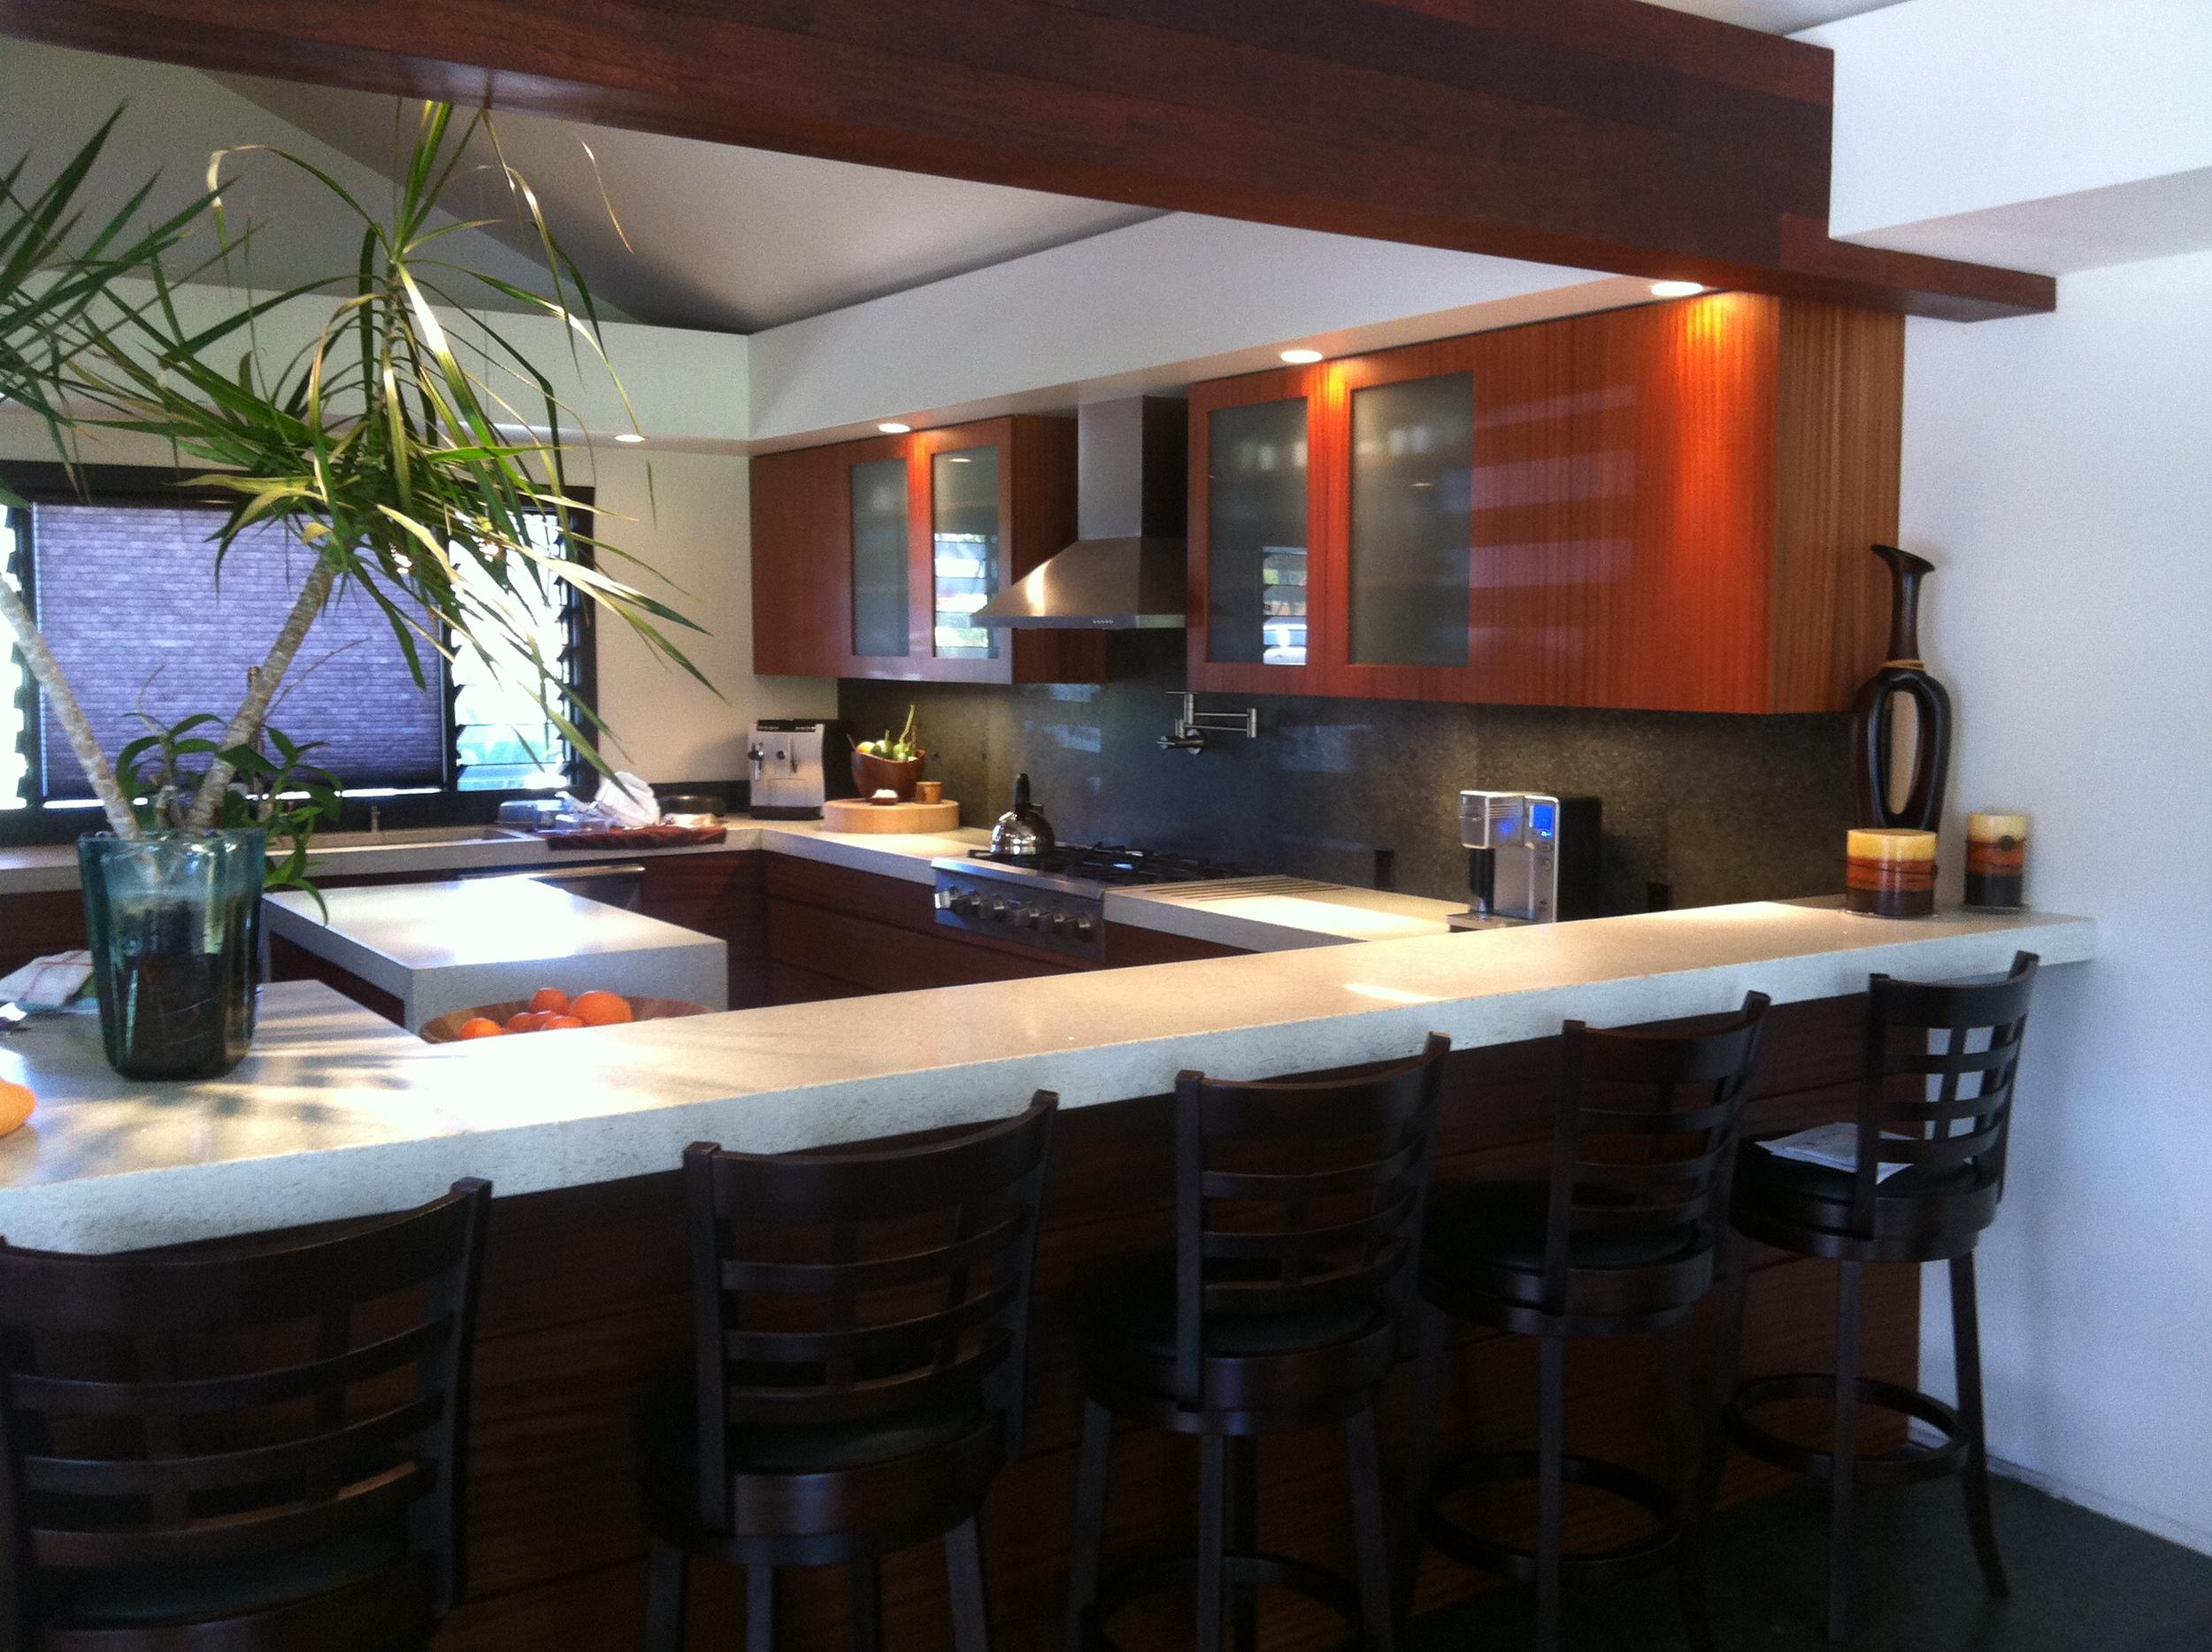 kitchens f marley kitchen.JPG